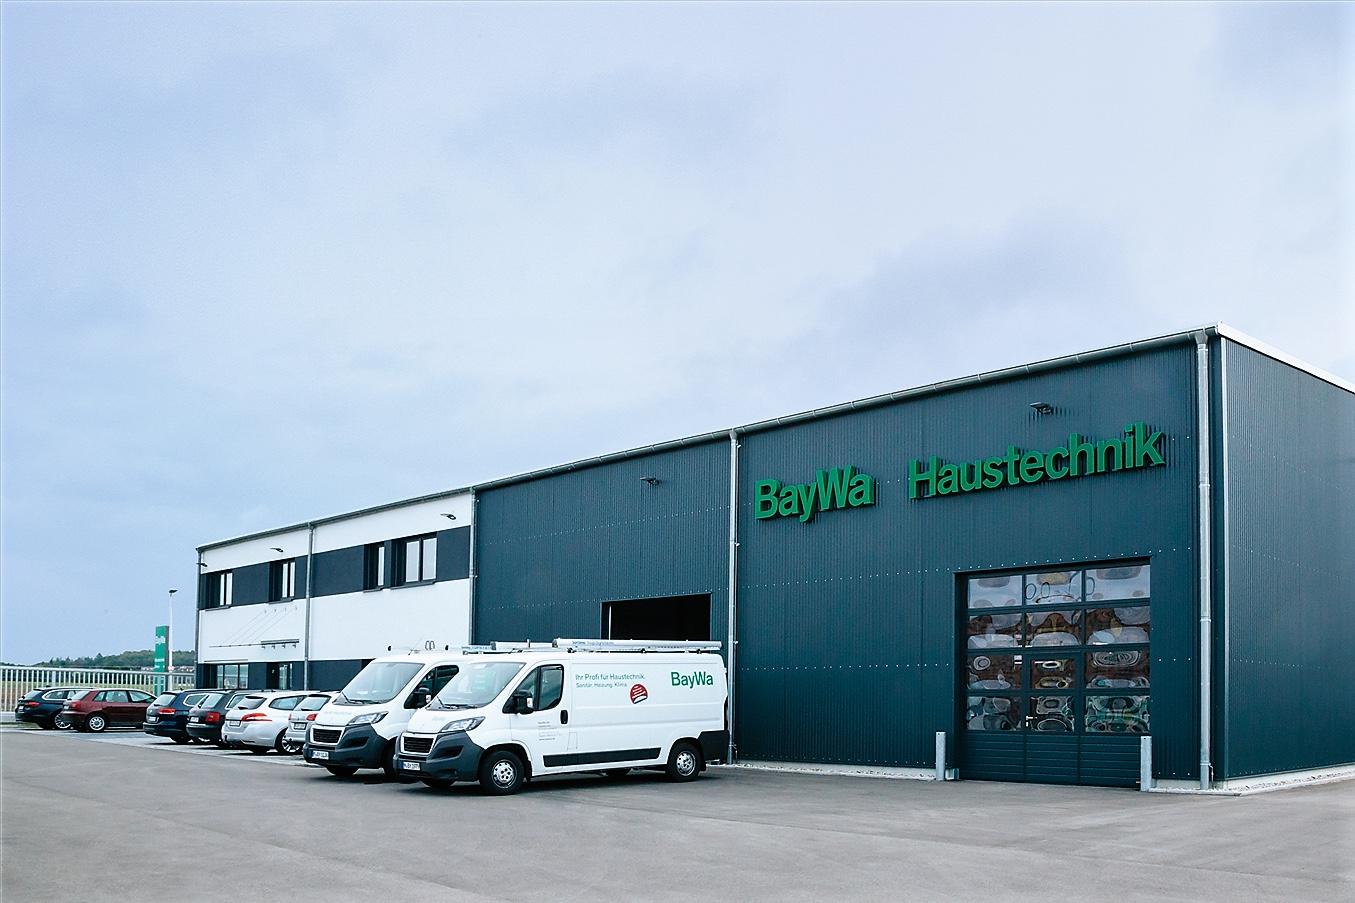 Die zwölf Haustechnik-Standorte befinden sich in Bayern, Baden-Württemberg und Thüringen. Foto: BayWa AG